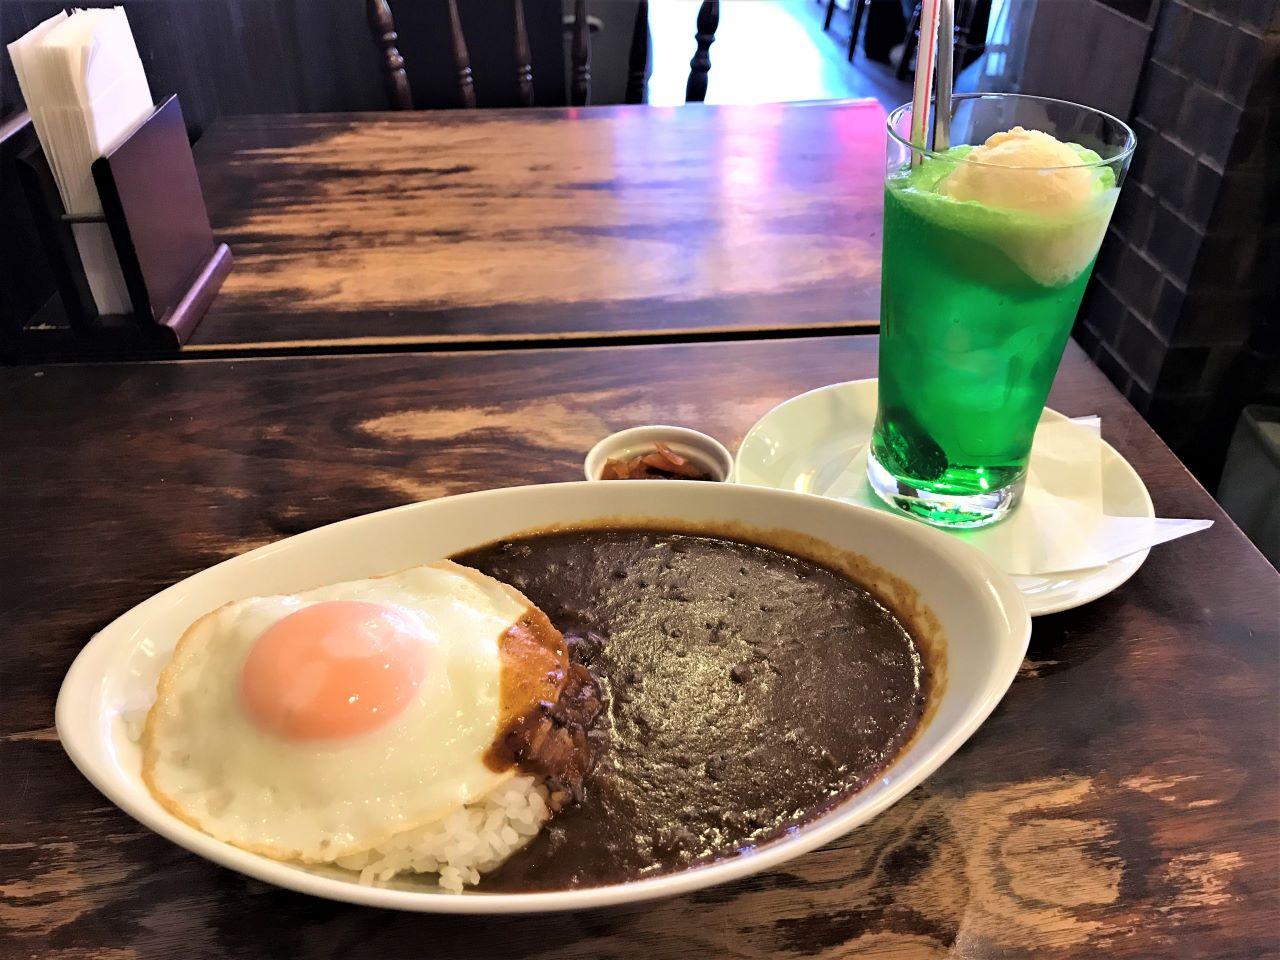 【京都】つい立ち寄りたくなるレトロカフェ。カレーライスがおいしい「喫茶チロル」